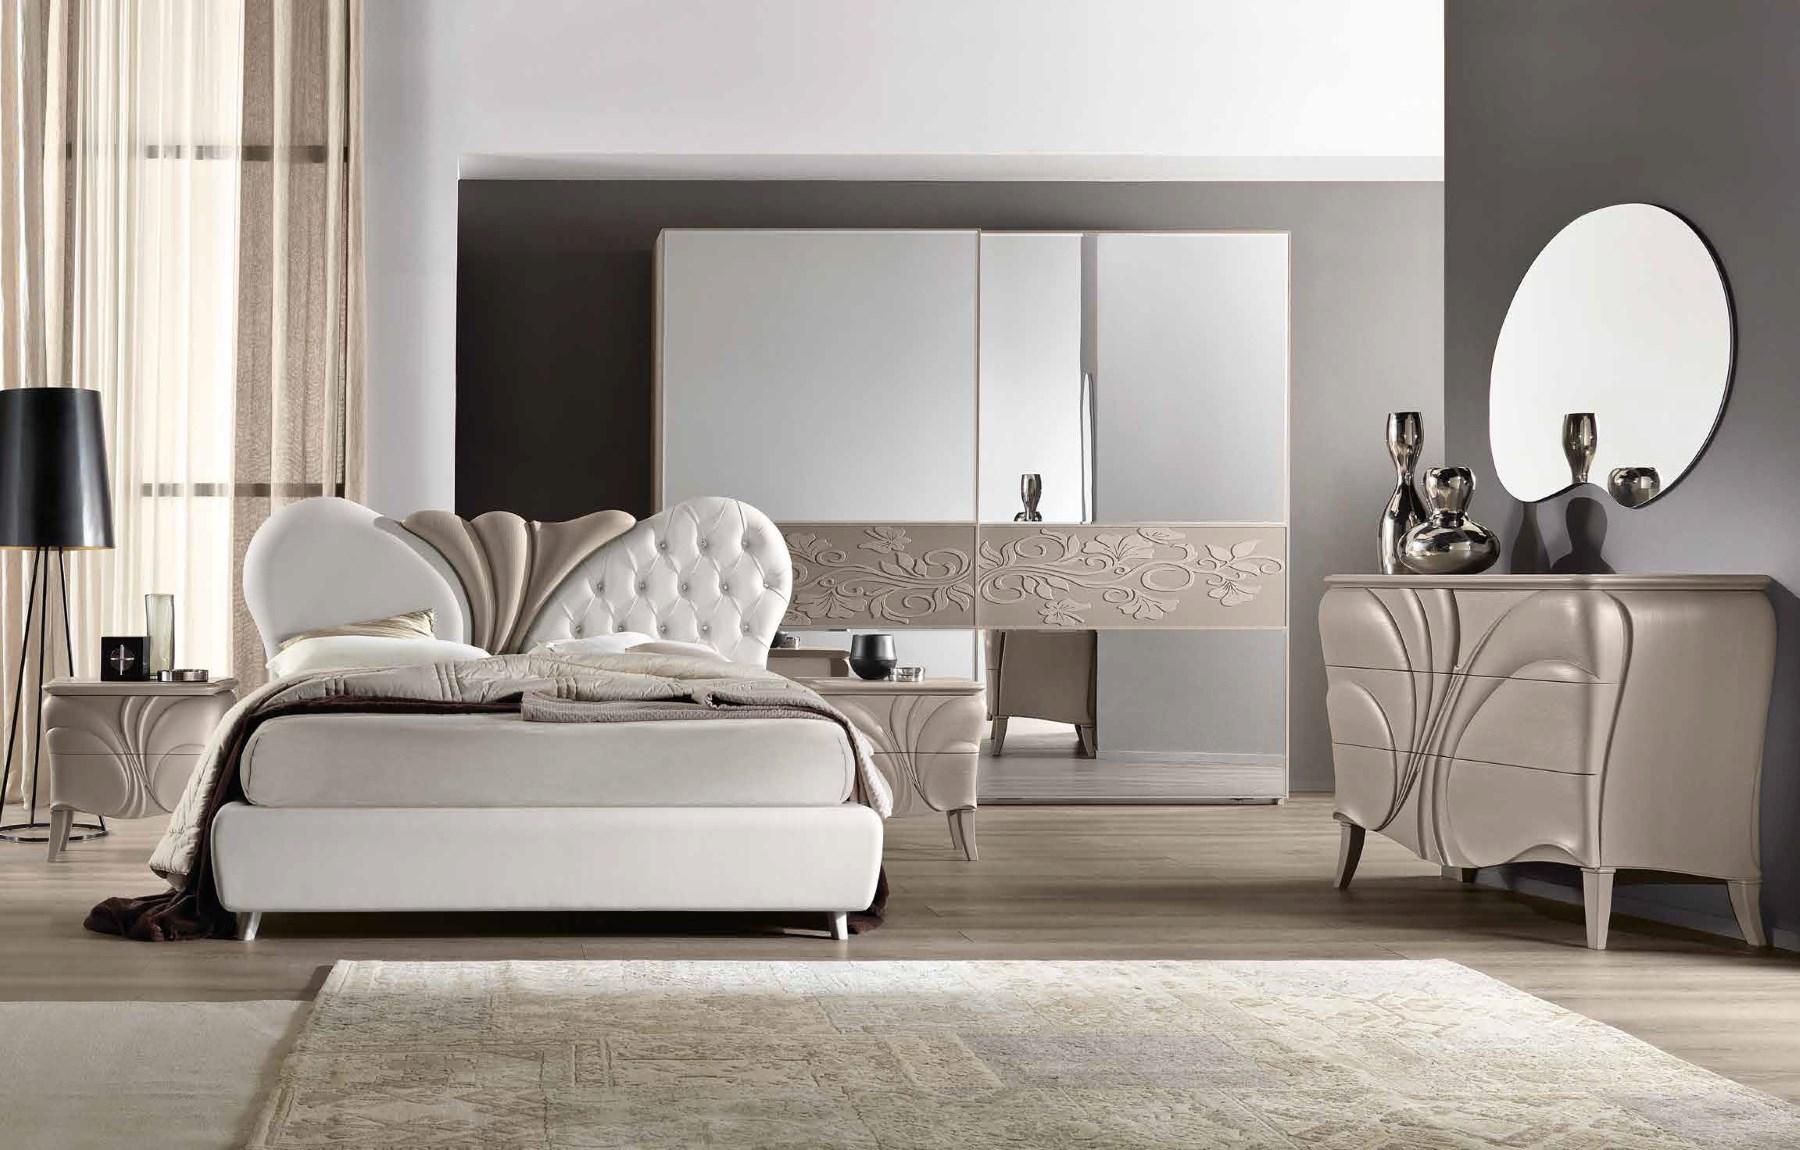 Letti fiocco grigio letto moderno di euro design - Camera da letto frassino bianco ...